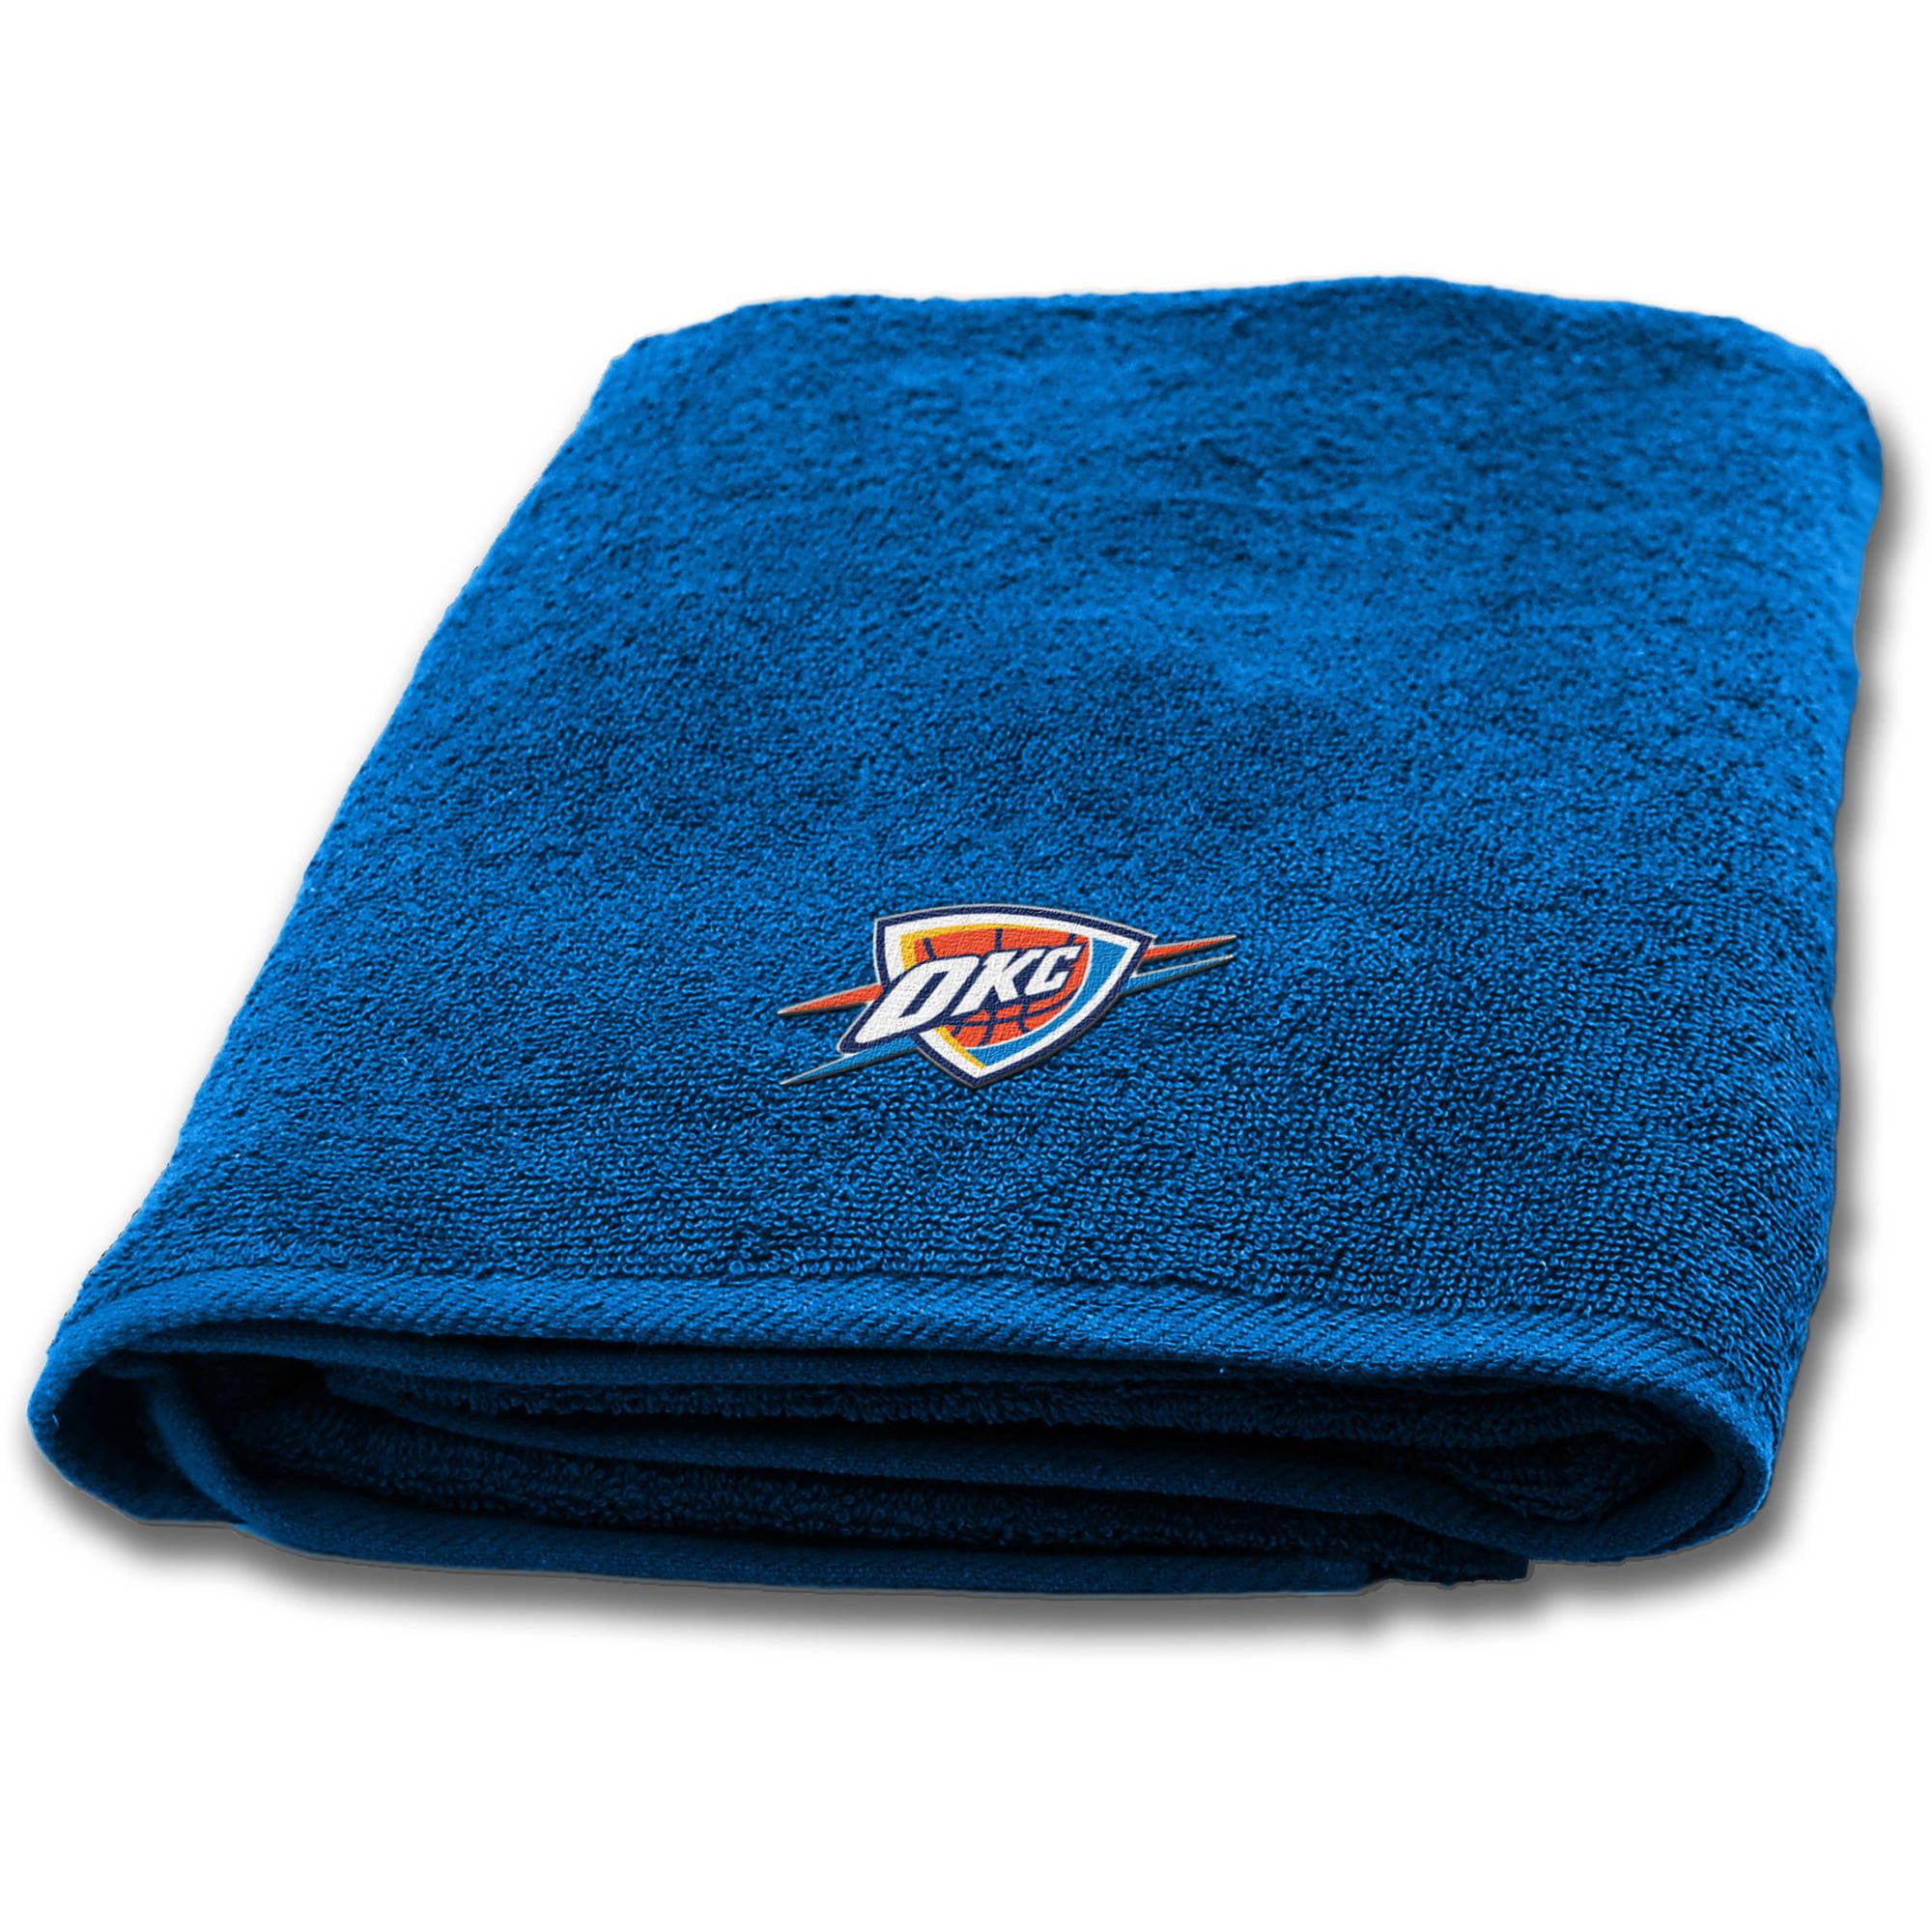 """NBA Oklahoma City Thunder 25"""" x 50"""" Applique Bath Towel, 1 Each"""